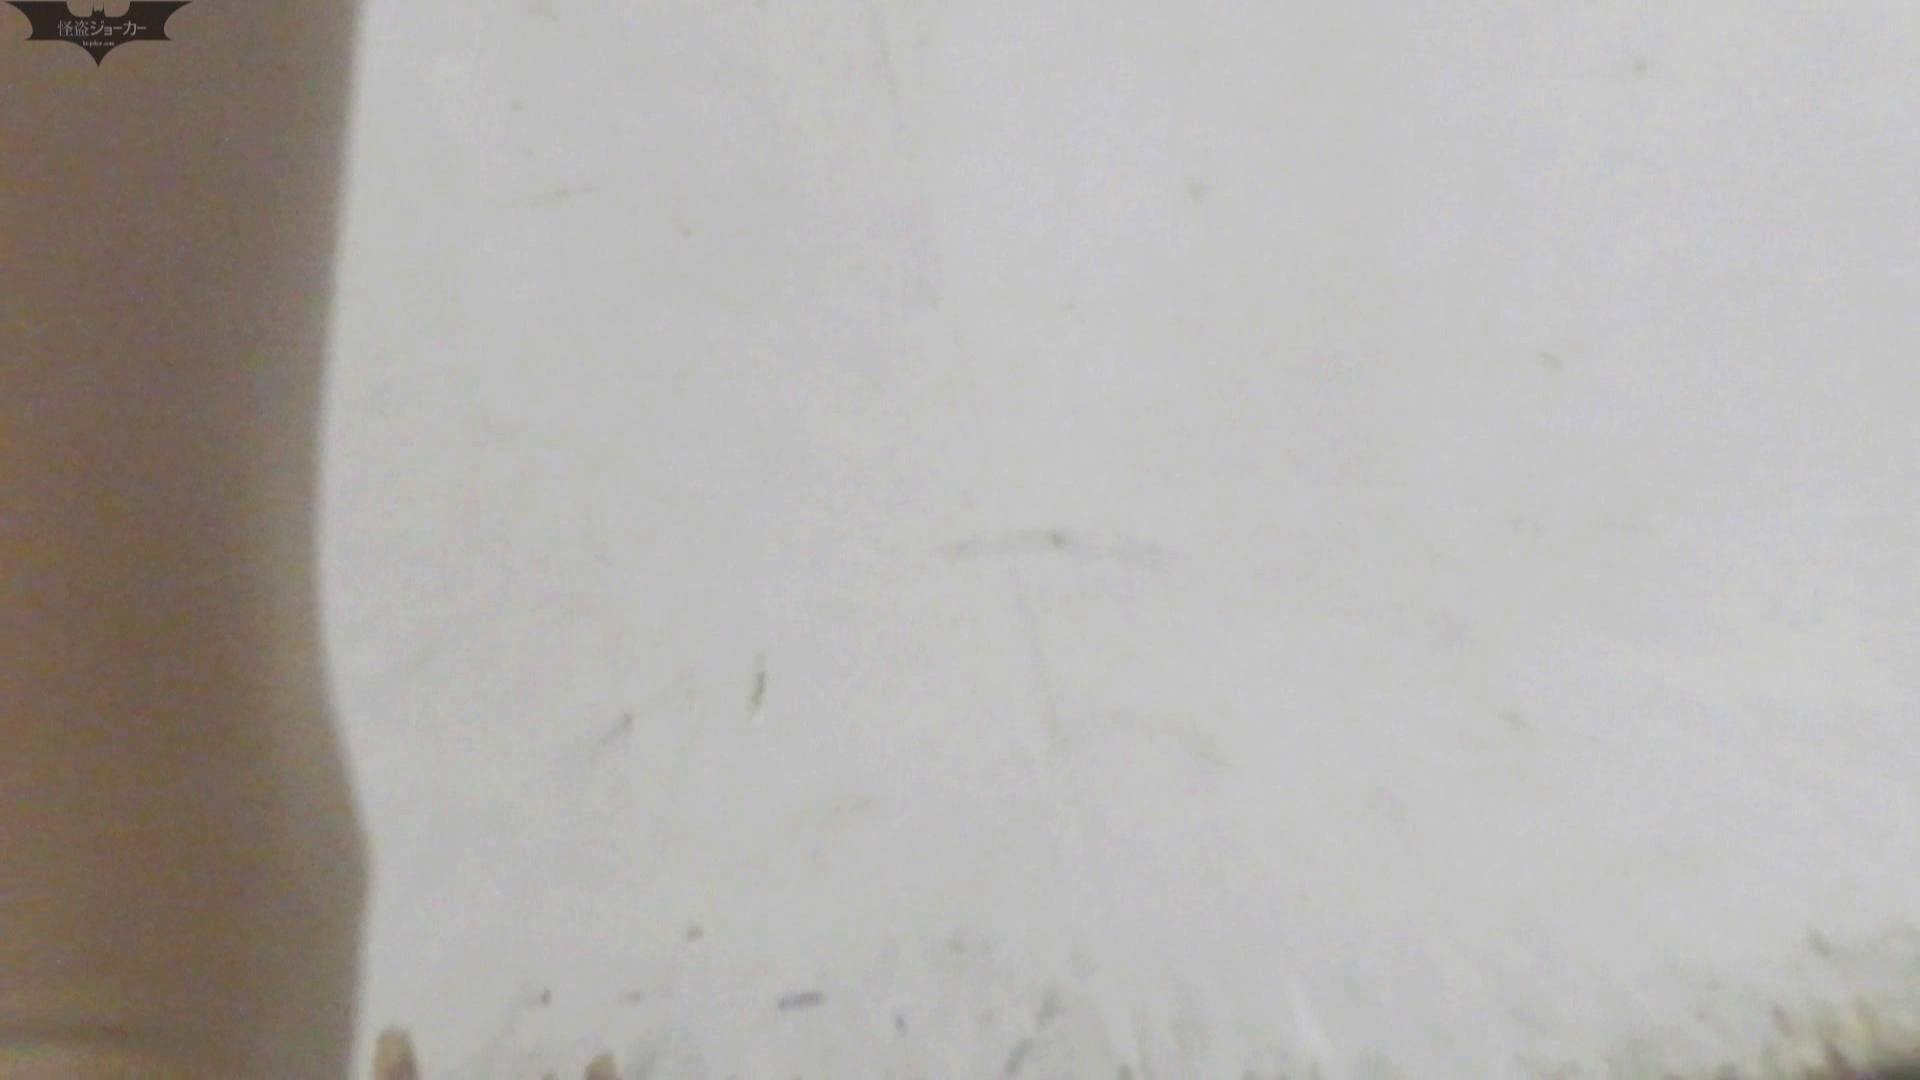 洗面所特攻隊 vol.006 OLのボディ | 洗面所  81PIX 63